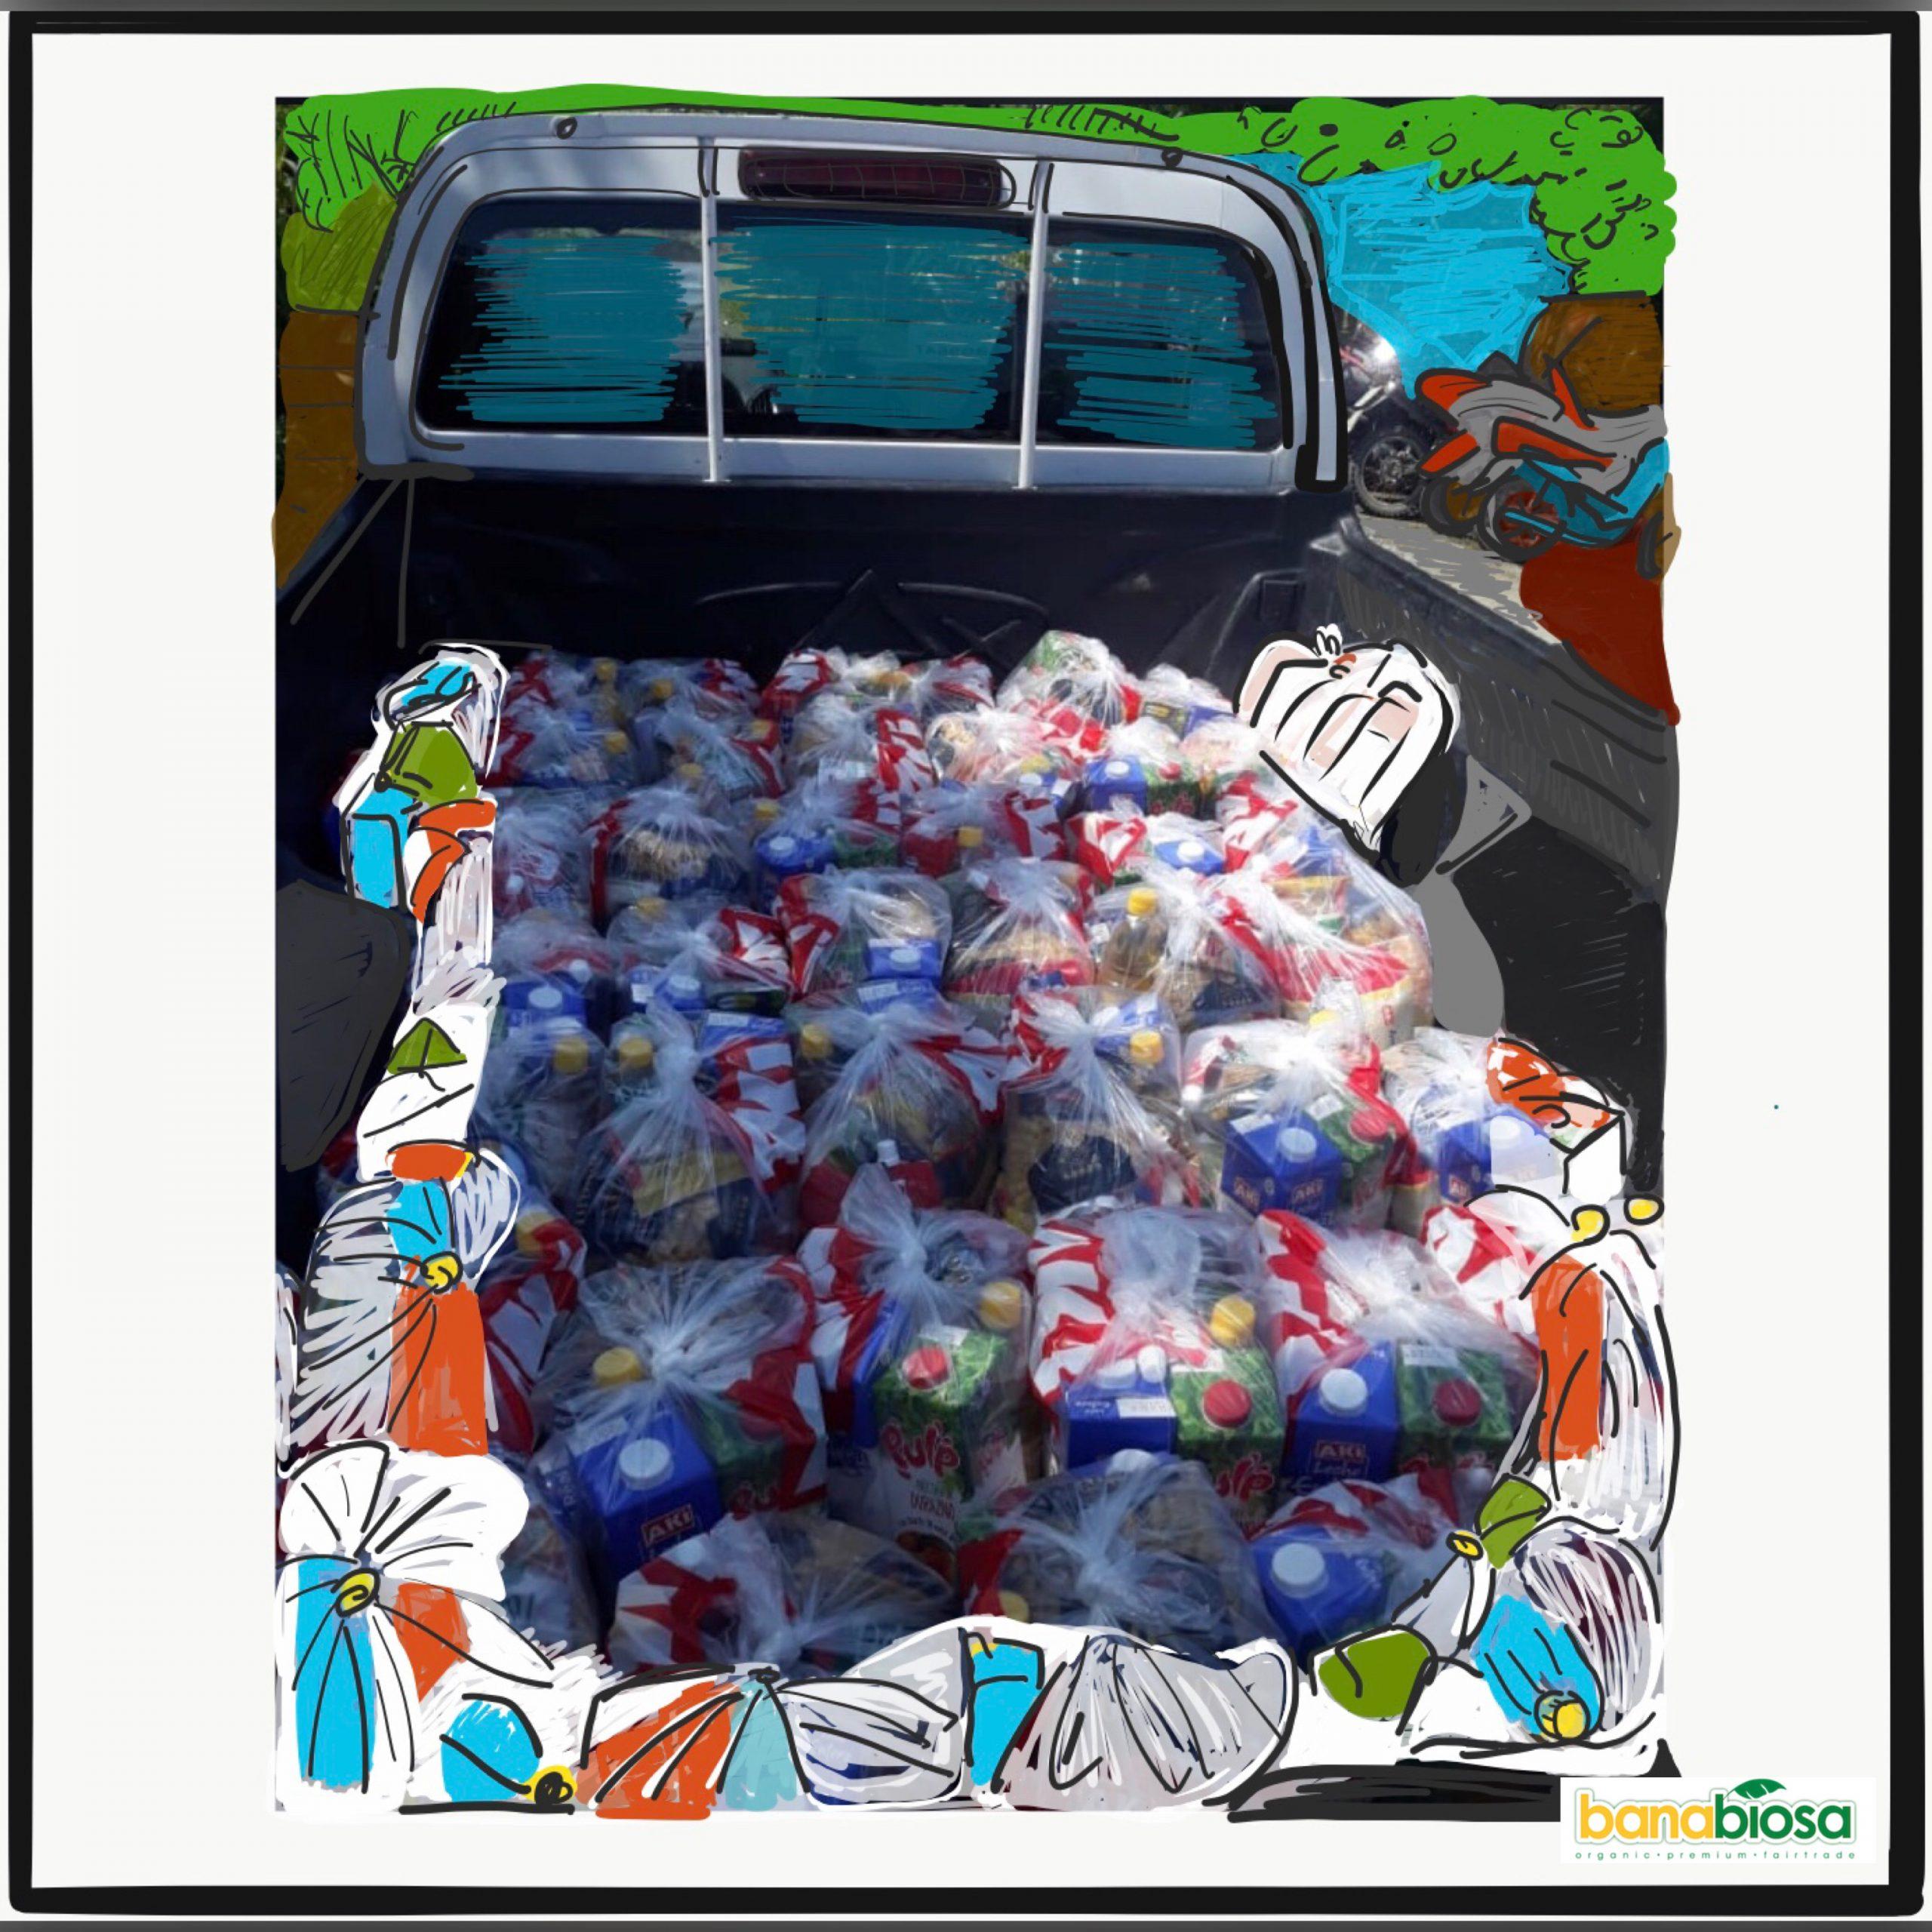 Van of food